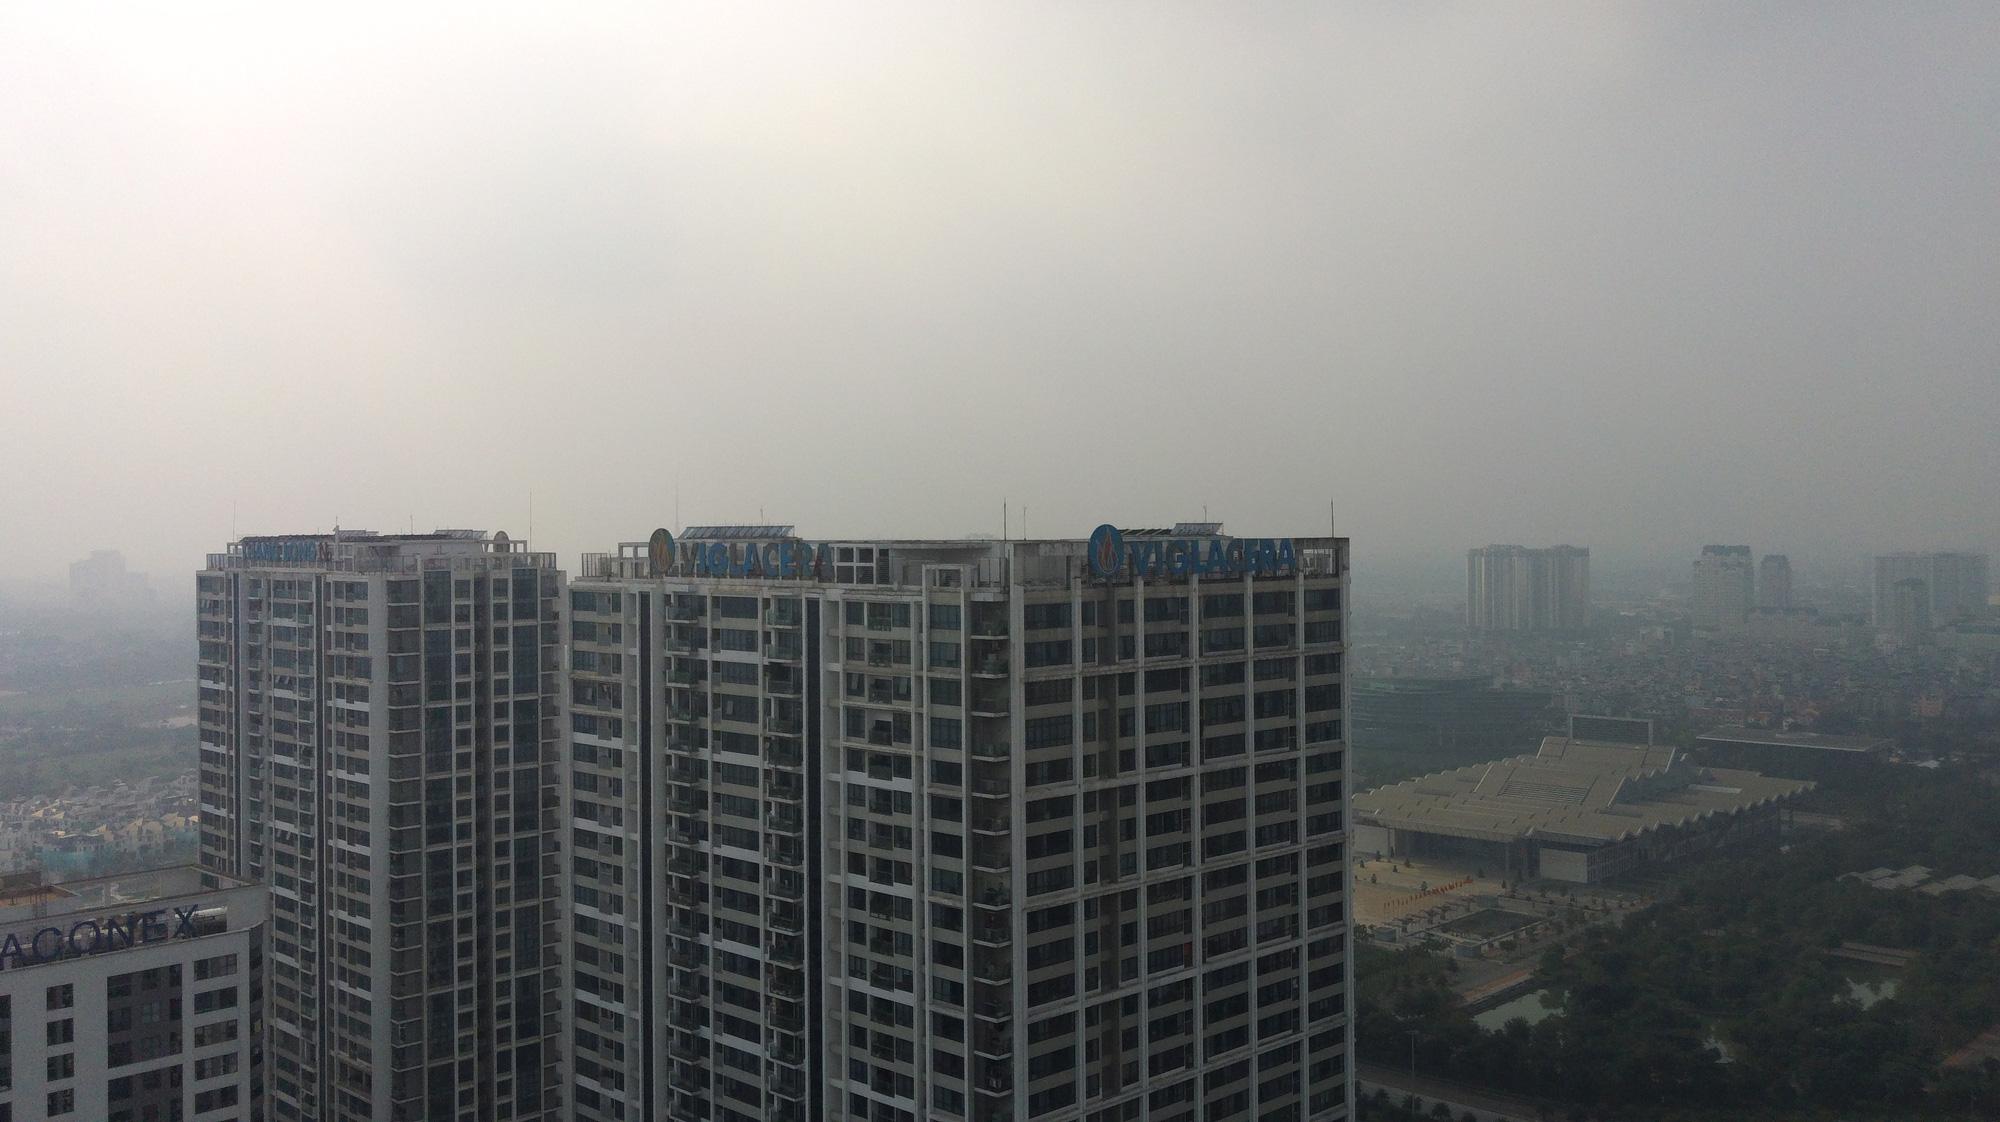 Hà Nội ô nhiễm không khí ở mức cảnh báo tím từ sáng đến chiều - Ảnh 6.